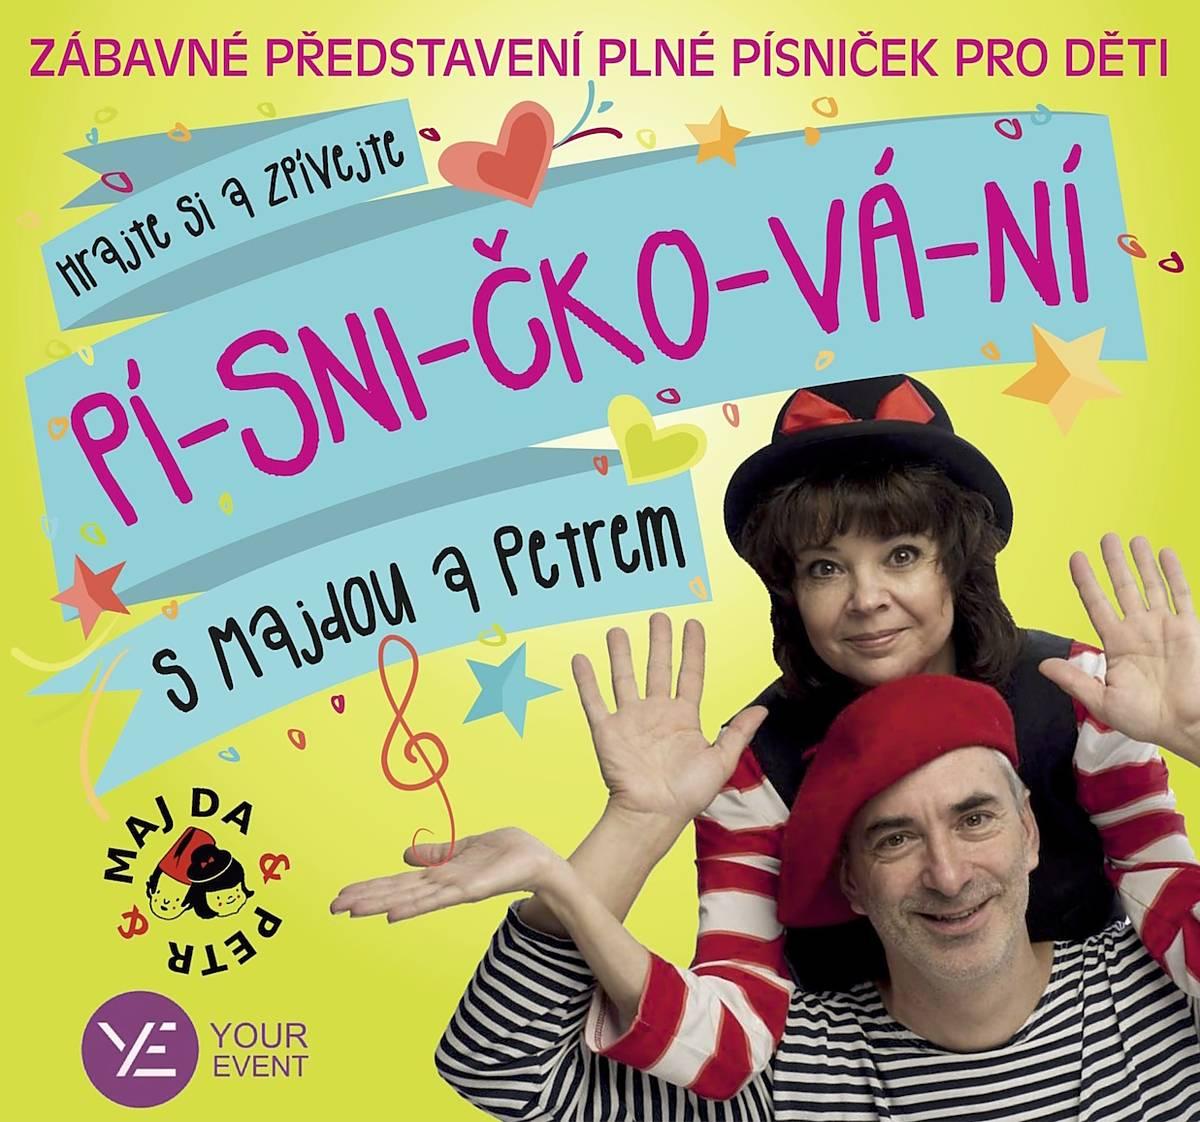 Festival pohádek: Písničkování s Majdou a Petrem